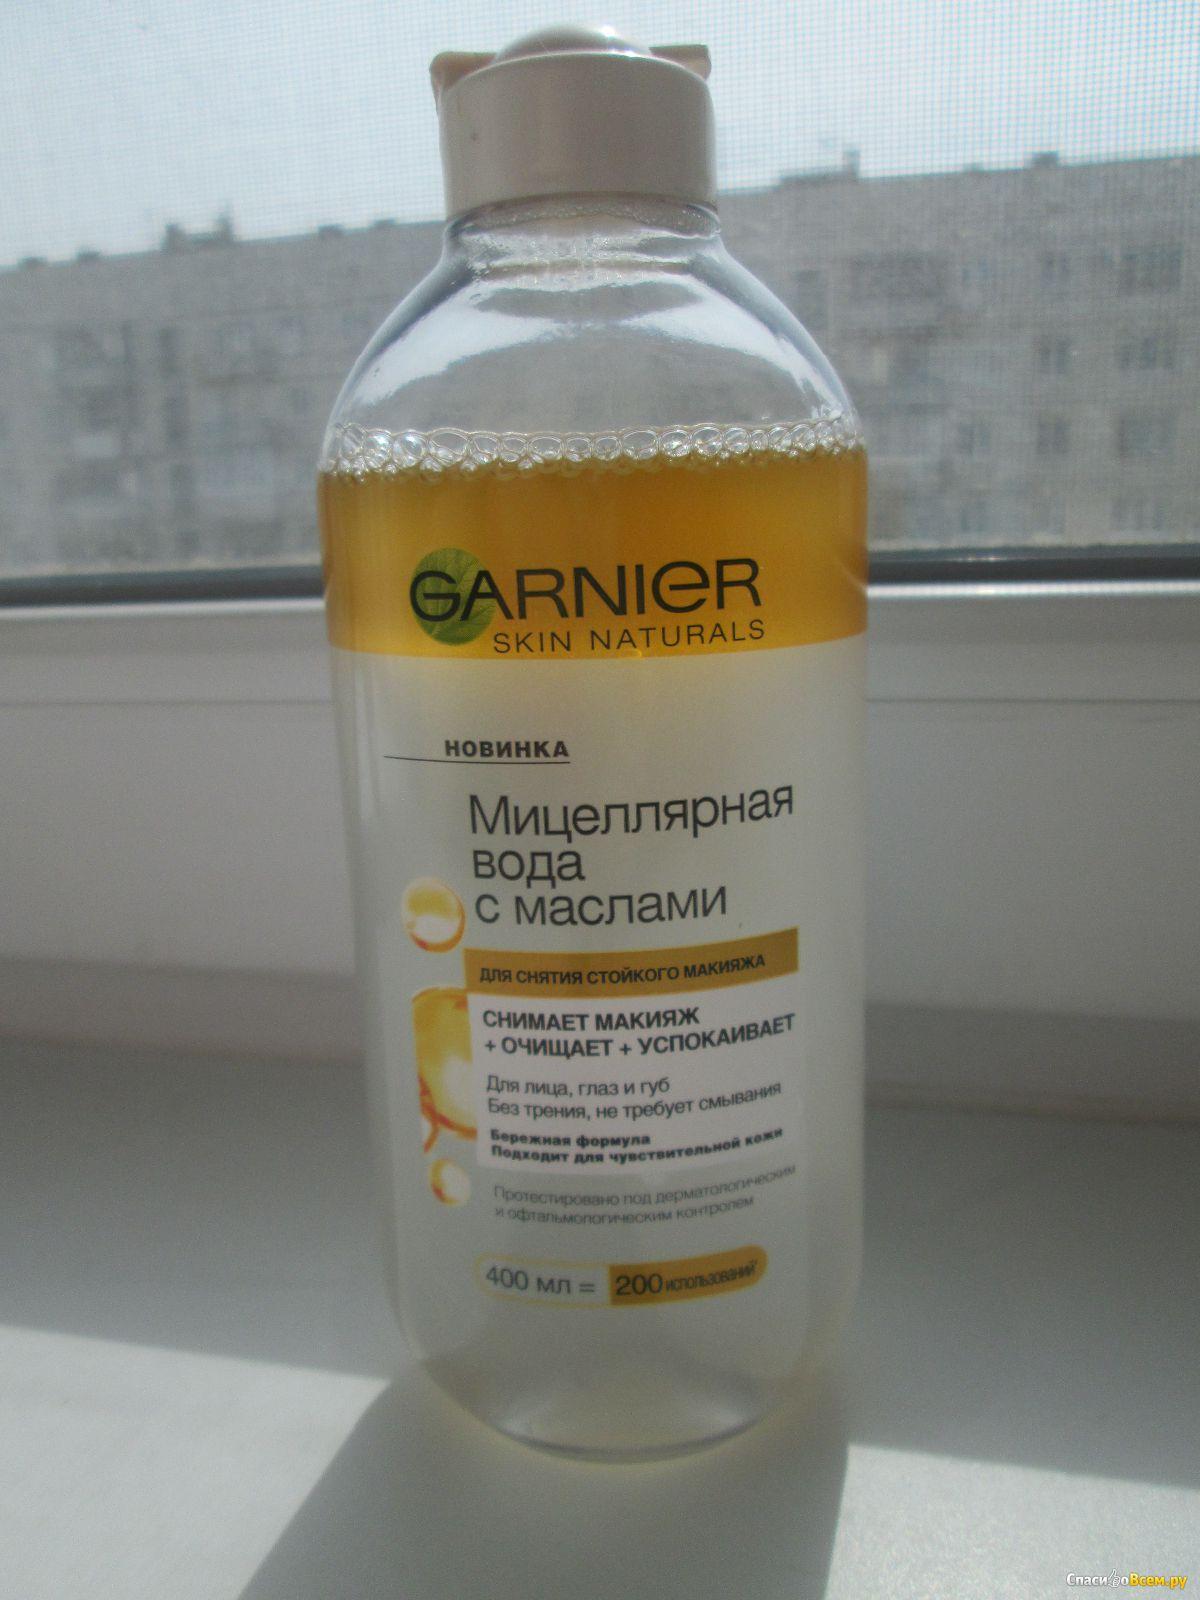 Мицеллярная вода для макияжа